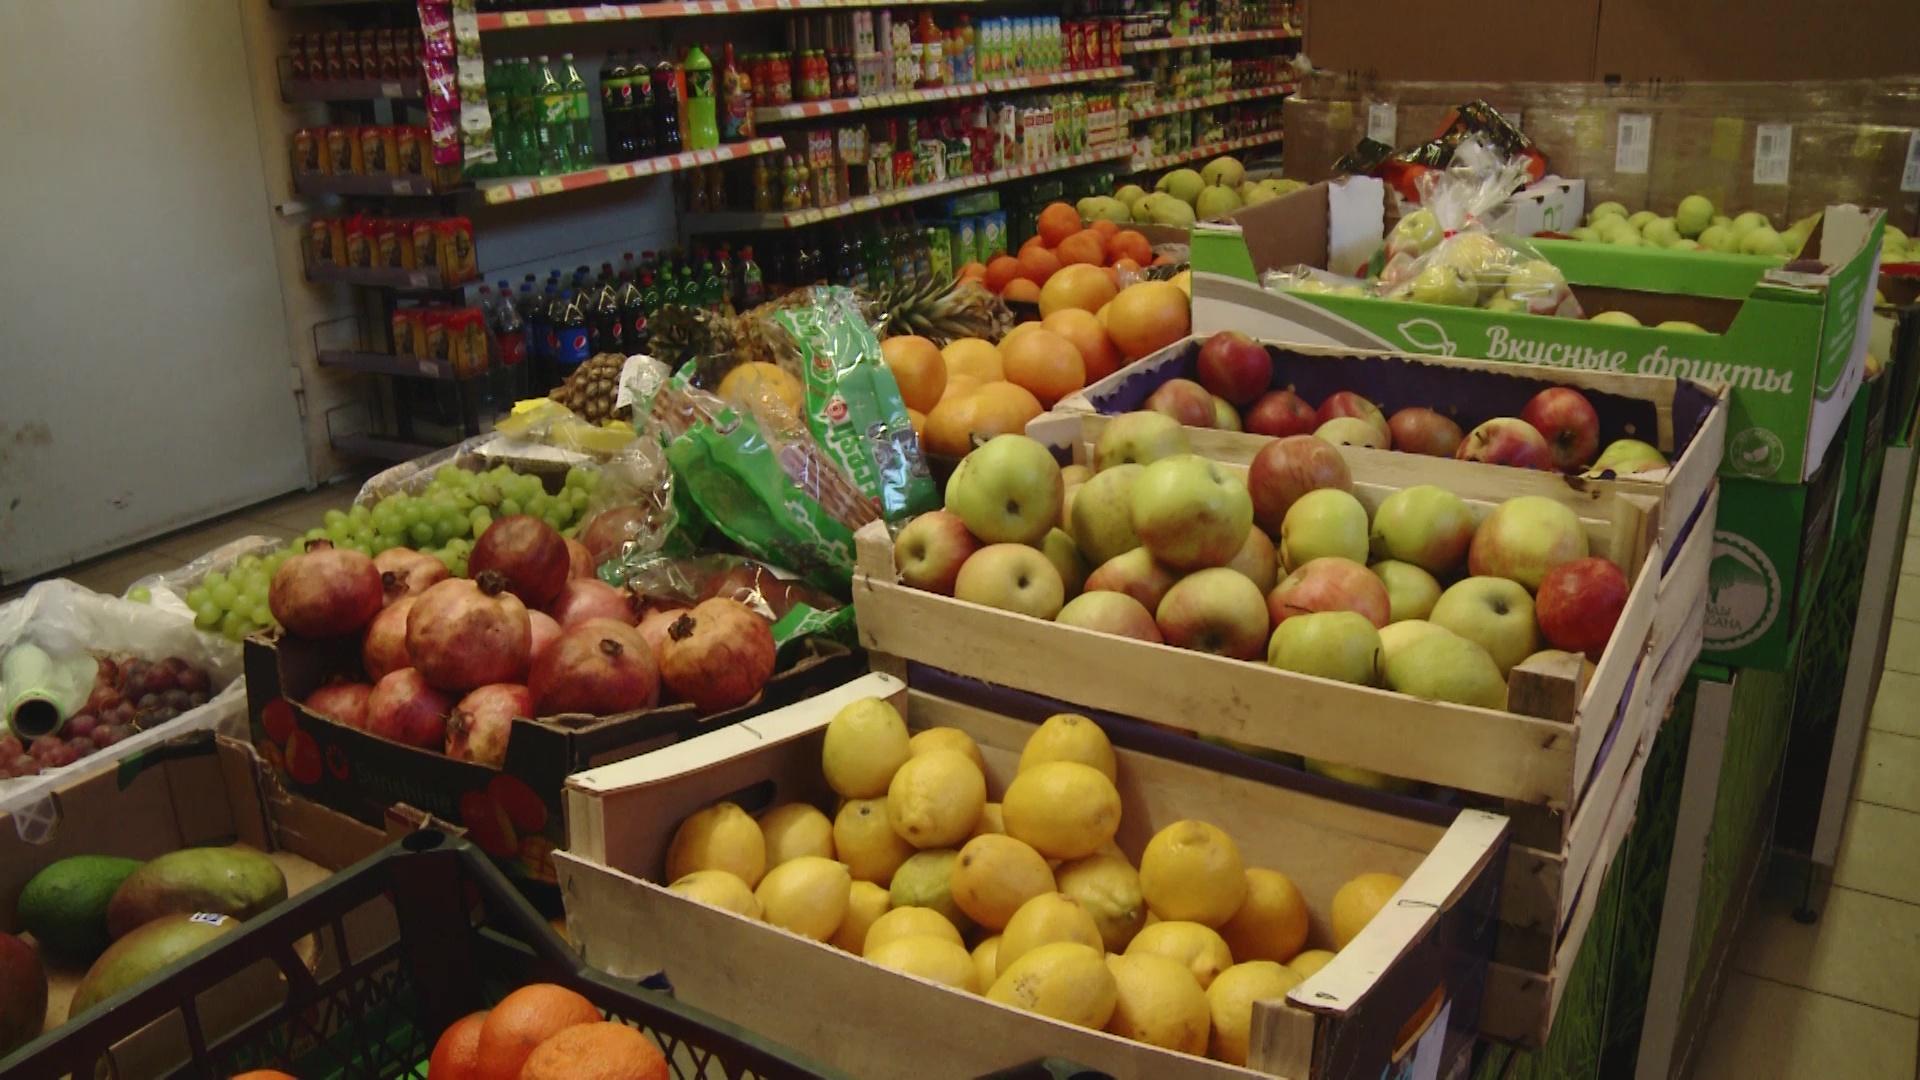 Лимоны по 500 рублей, имбирь – по три тысячи: почему растут цены на эти два продукта